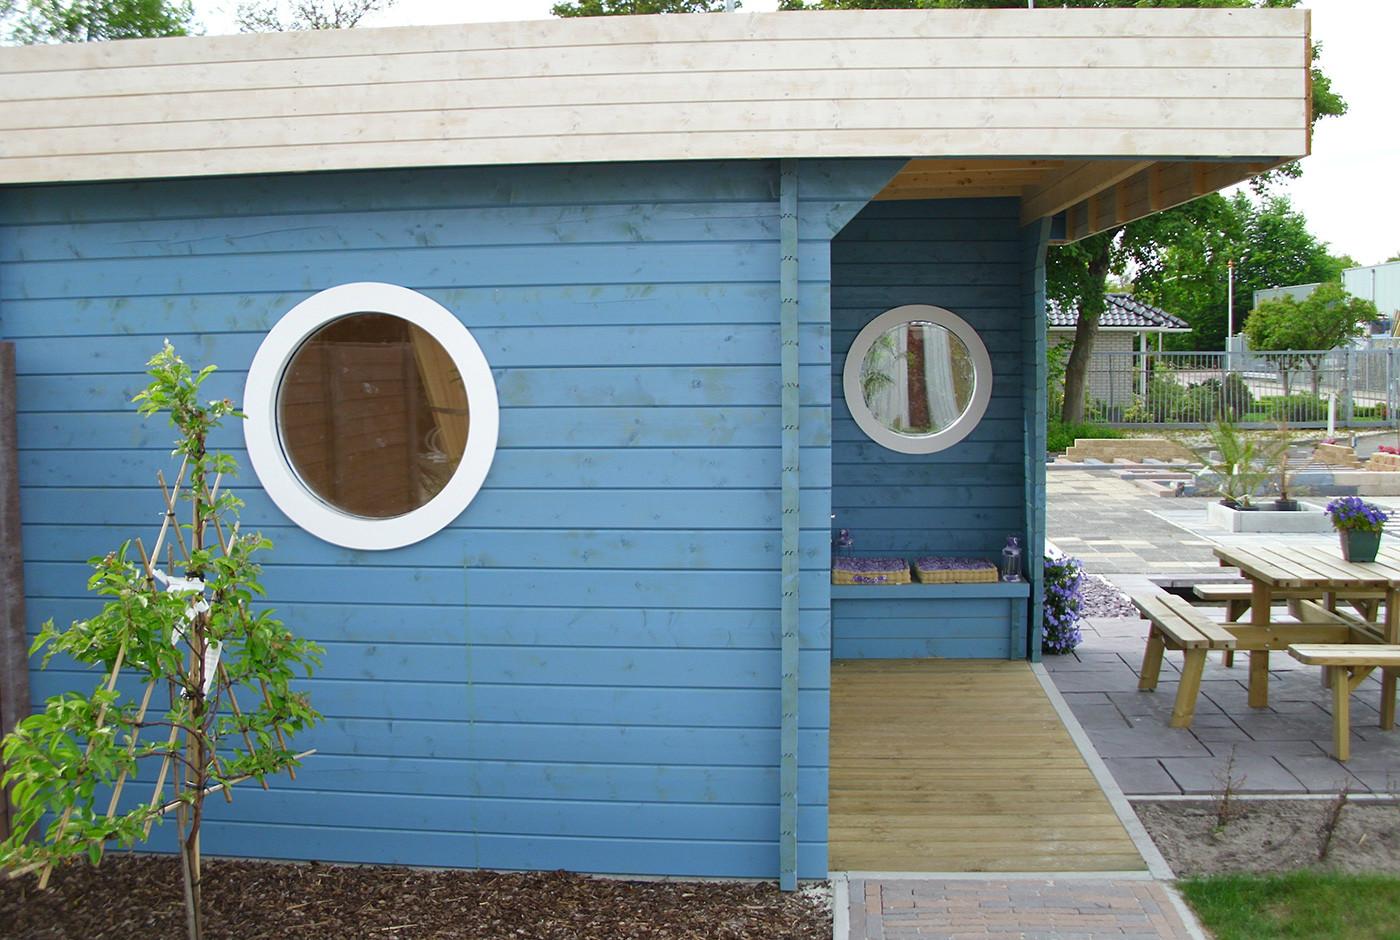 gartenhaus mit blauem anstrich von der seite